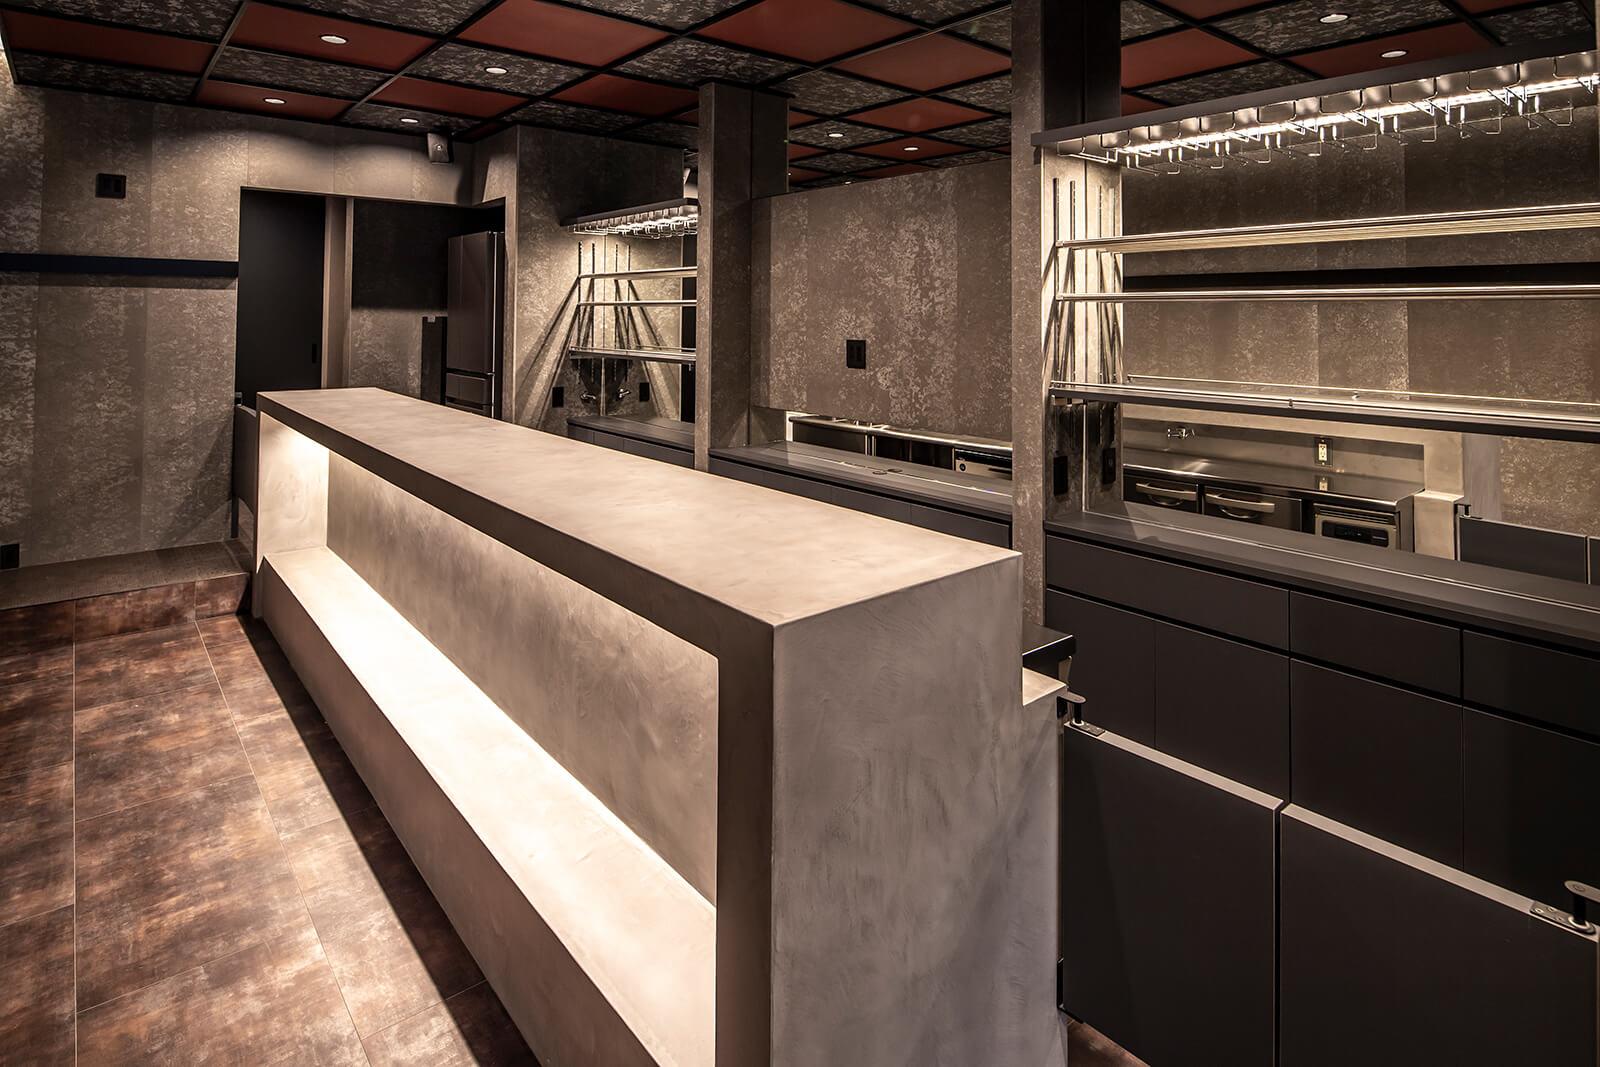 SH20102301 飲食店を開業される方へ!おしゃれな店舗デザインにするためのコツとは?